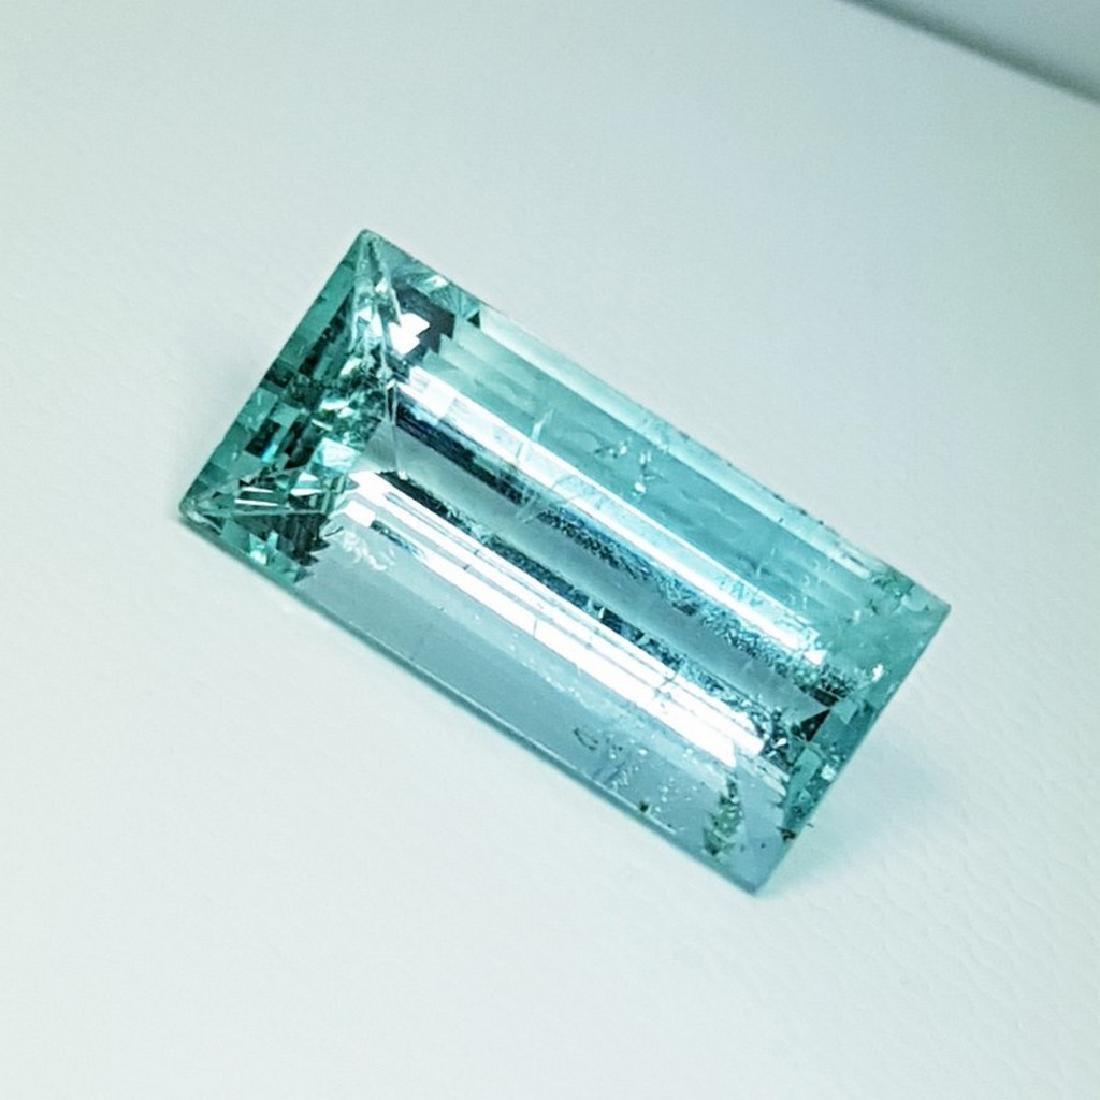 IGI CERTIFIED Aquamarine - 6.51 ct